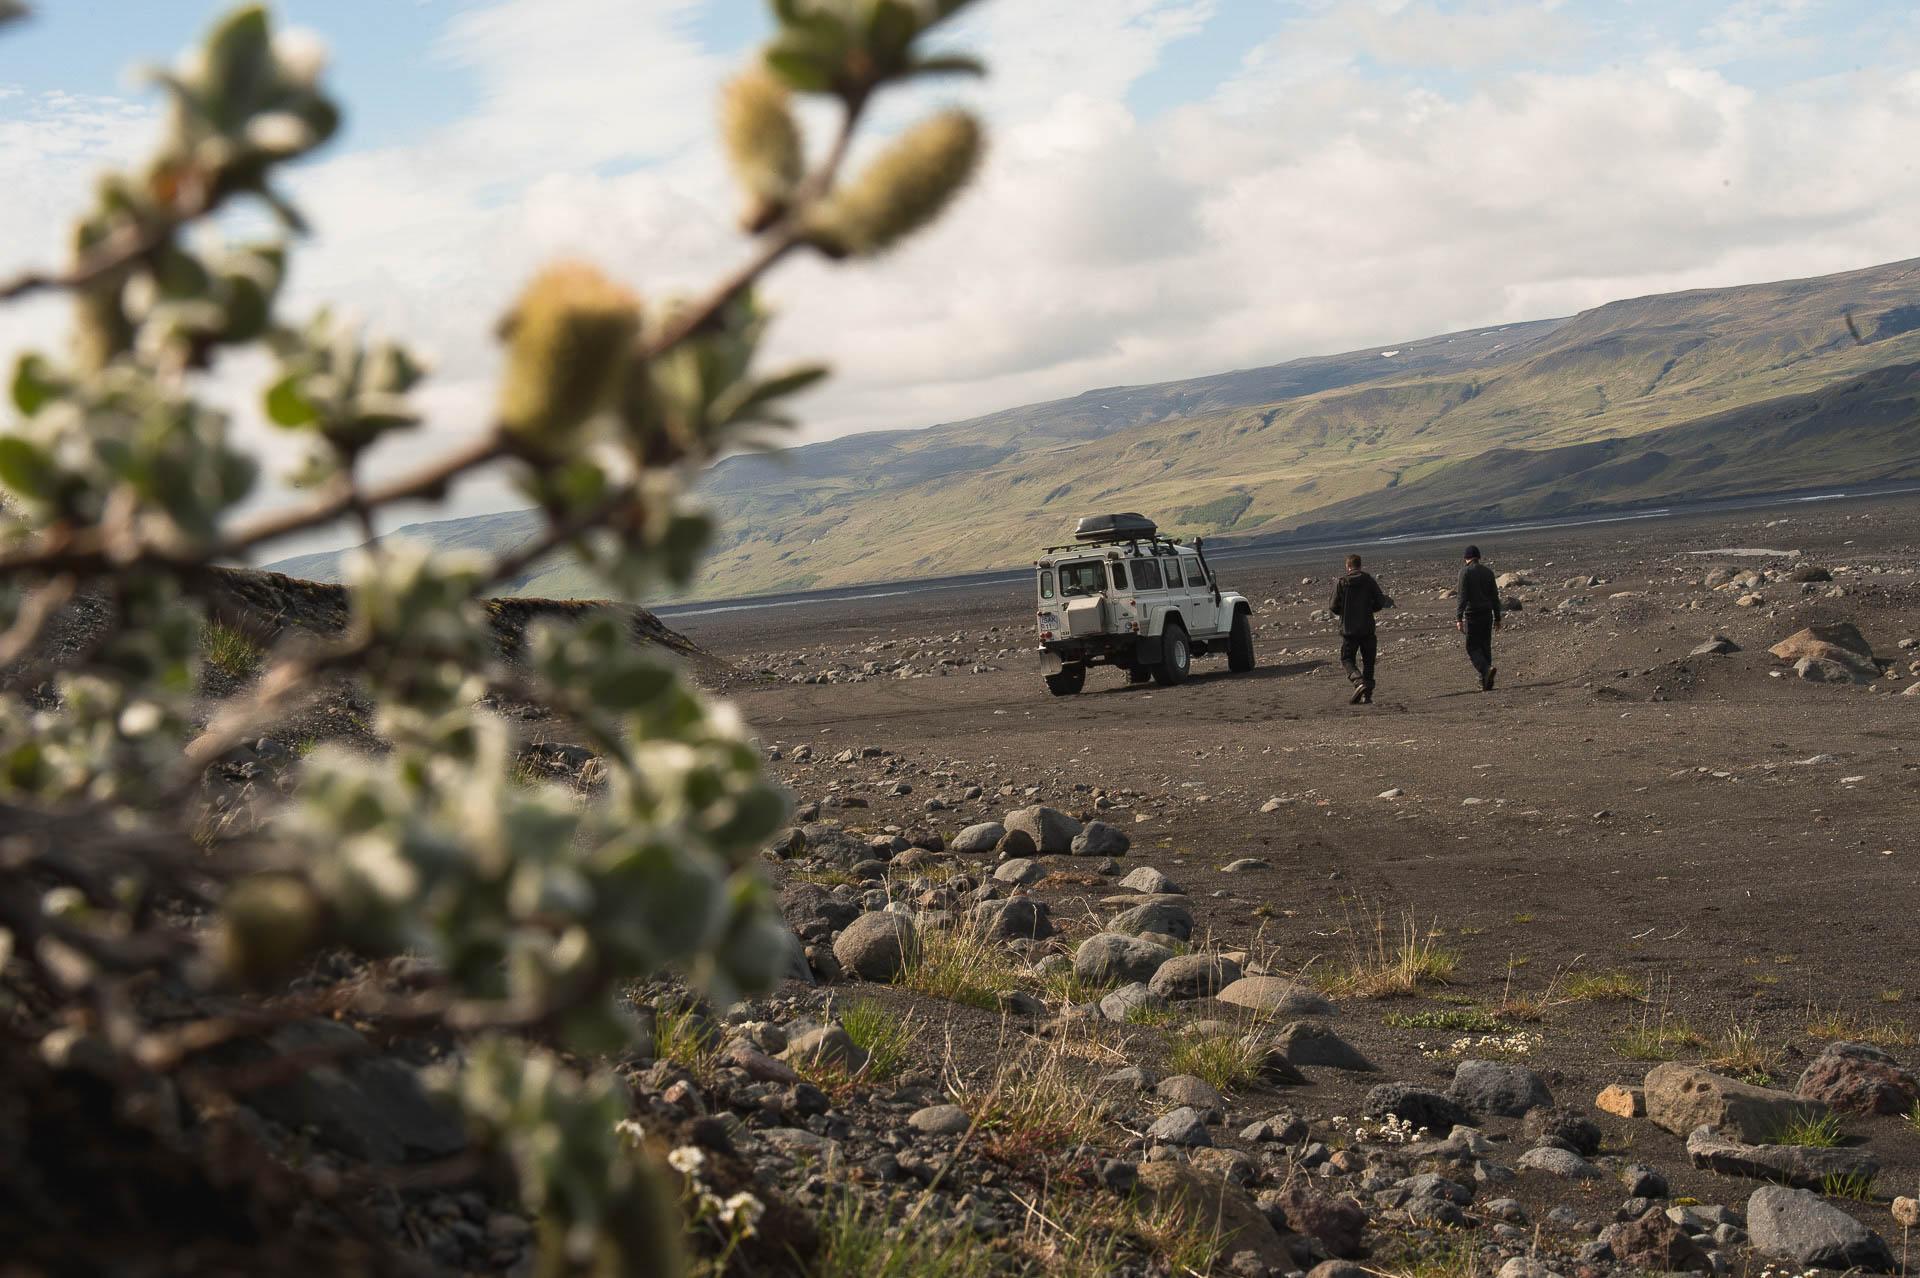 Landrover mit zwei Persoinen in der Natur von Island - Fotostory von Redeleit und Junker